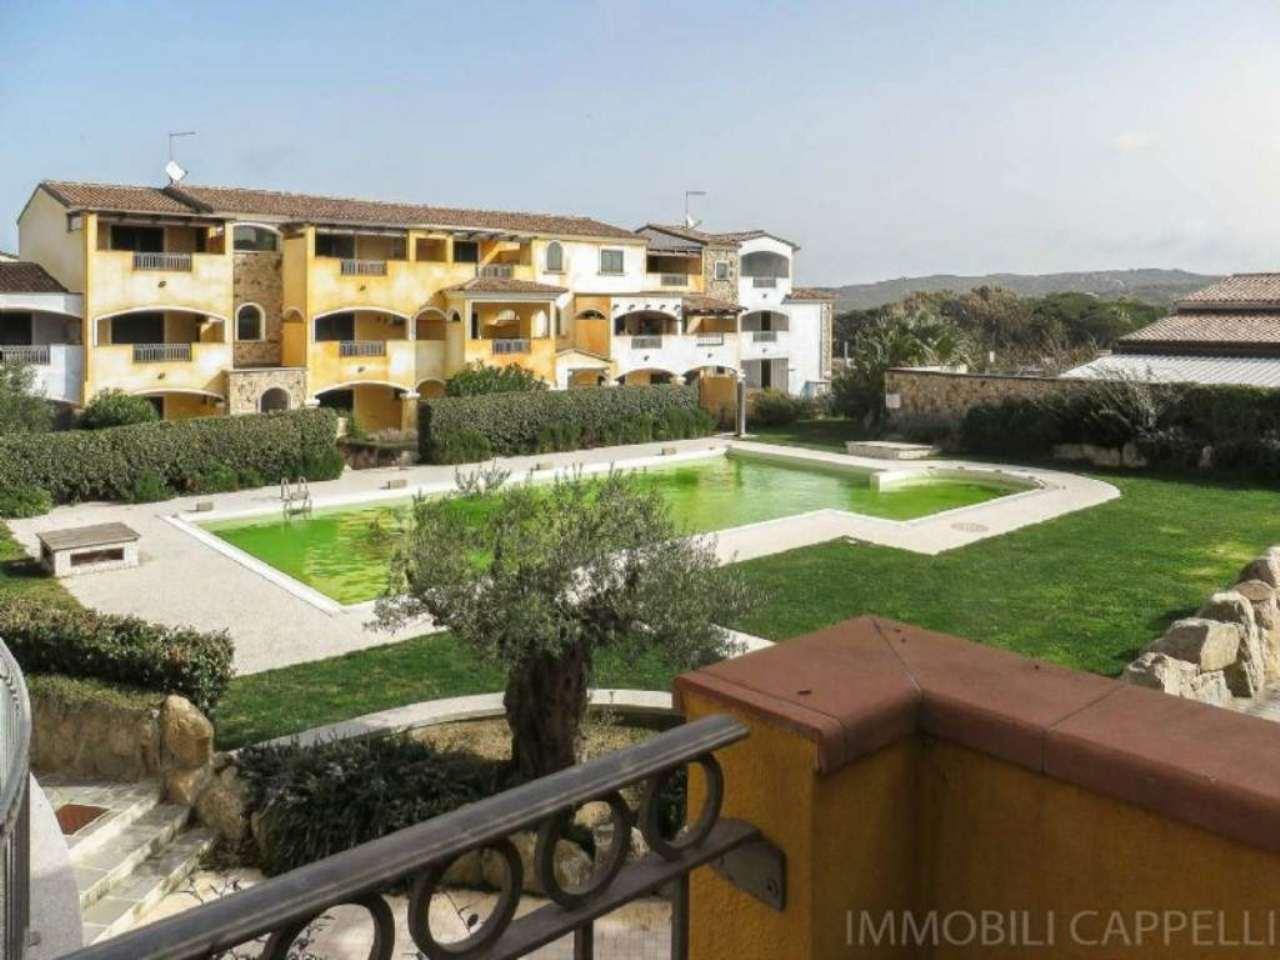 Appartamento in vendita a Santa Teresa Gallura, 2 locali, prezzo € 190.000 | CambioCasa.it